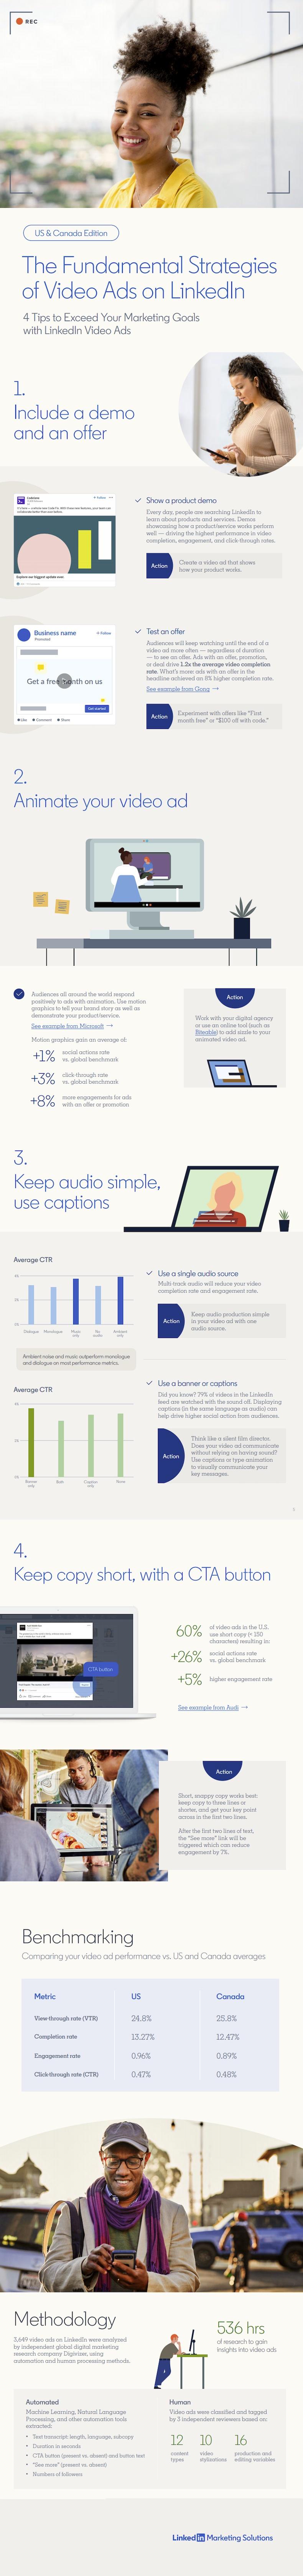 Four tips for better video ads on LinkedIn